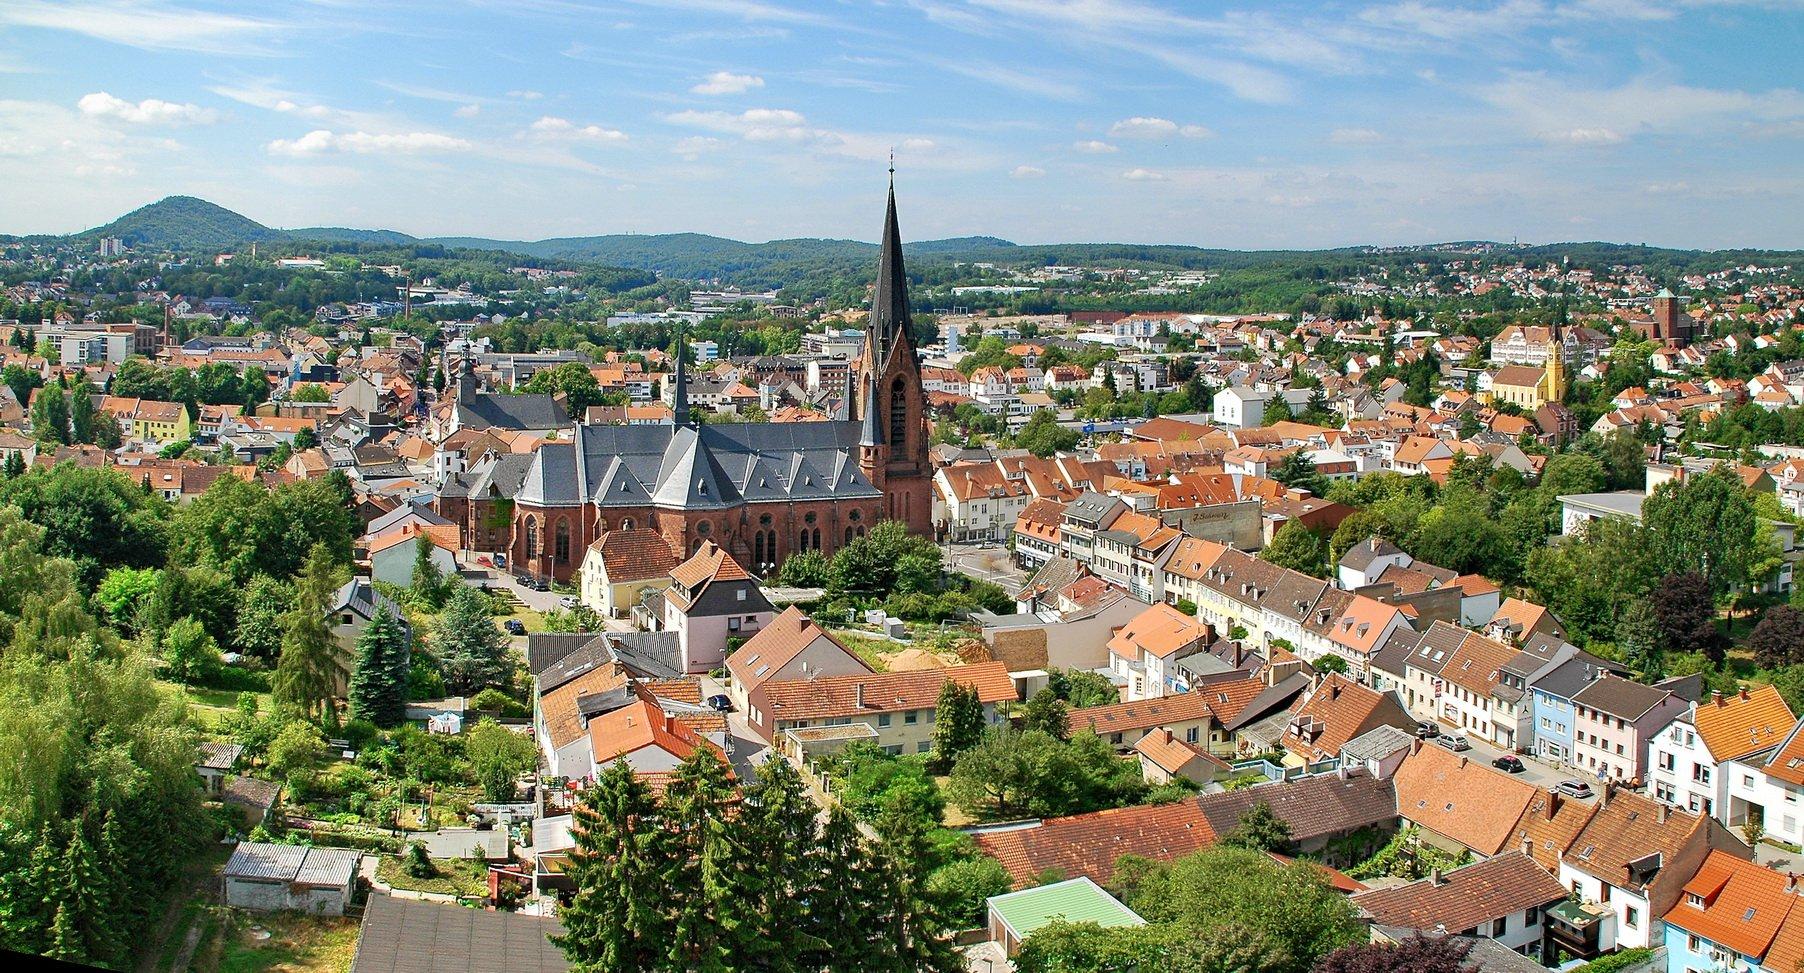 St. Ingbert Stadtansicht